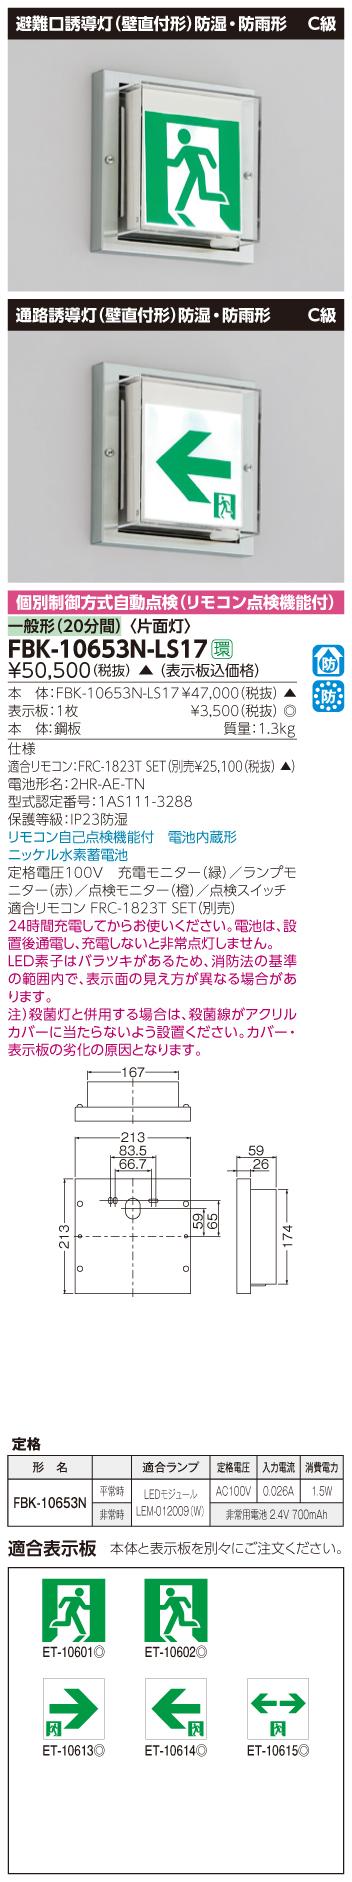 【法人様限定】東芝 FBK-10653N-LS17 LED誘導灯 壁直付形 防湿・防雨形 電池内蔵 片面 C級 一般形(20分) 【表示板別売】